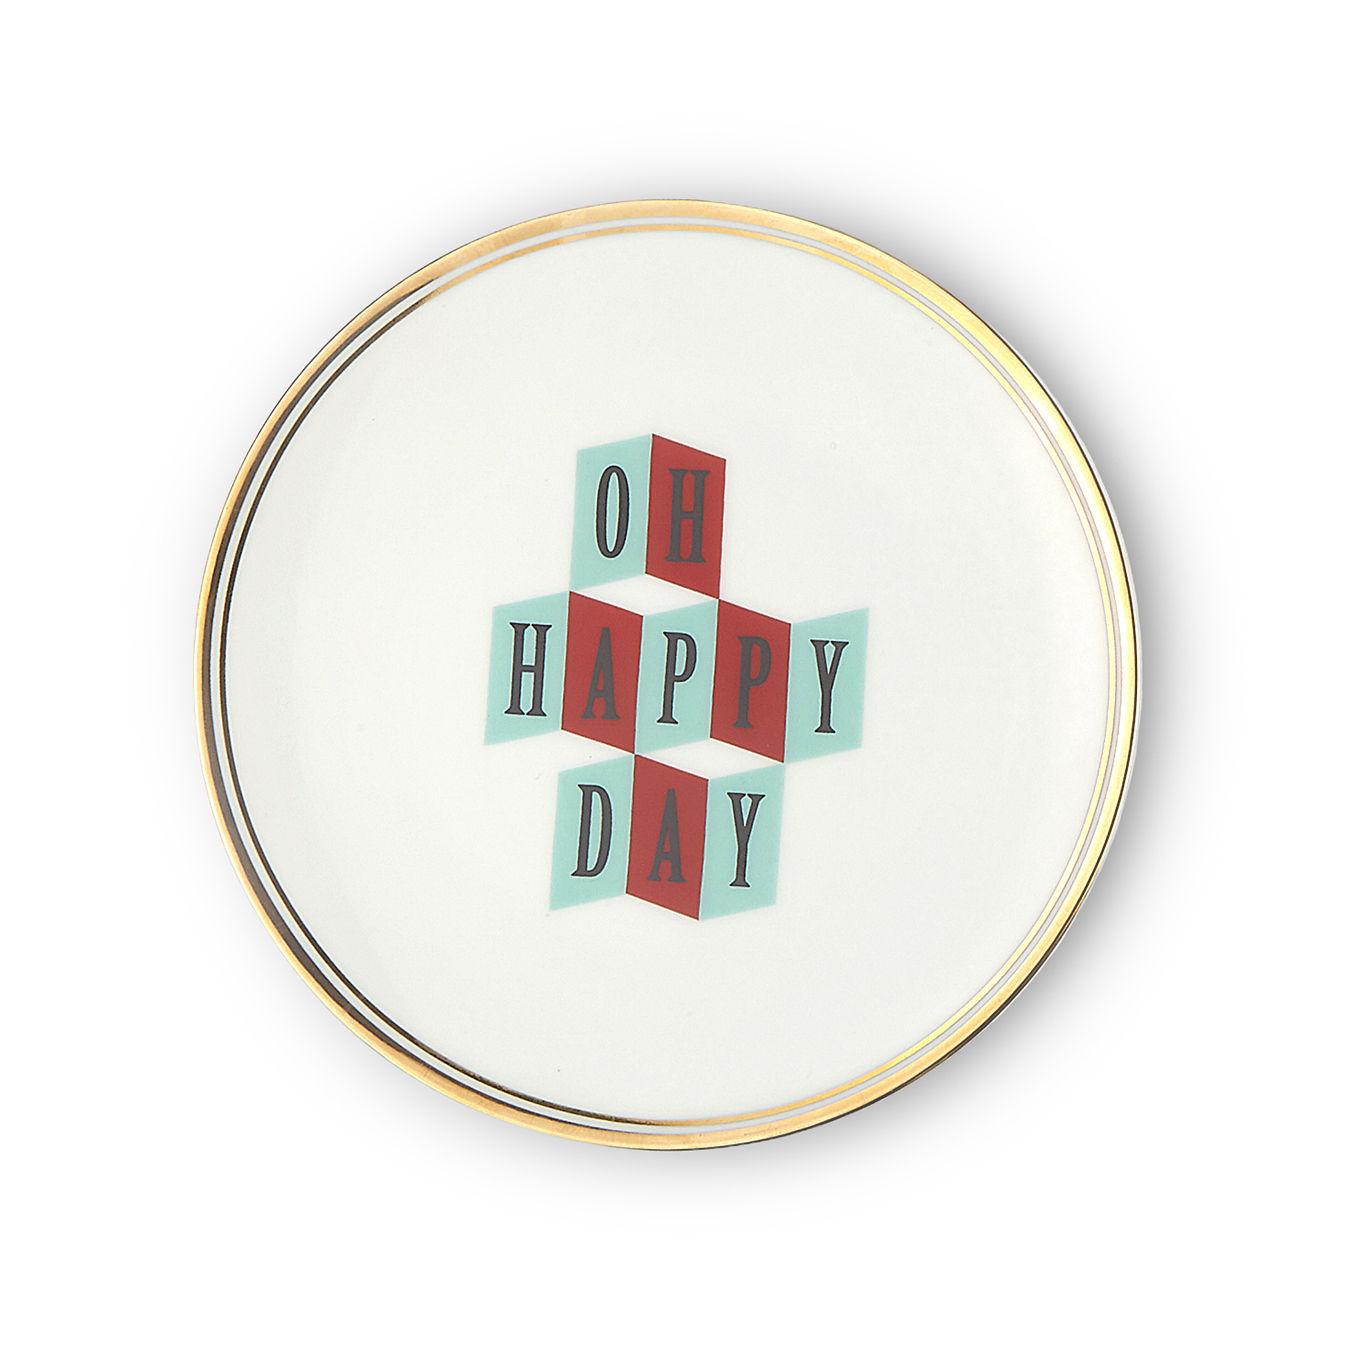 Tavola - Piatti  - Piatto da dessert Oh happy day - / Ø 17 cm di Bitossi Home - Oh Happy Day - Porcellana